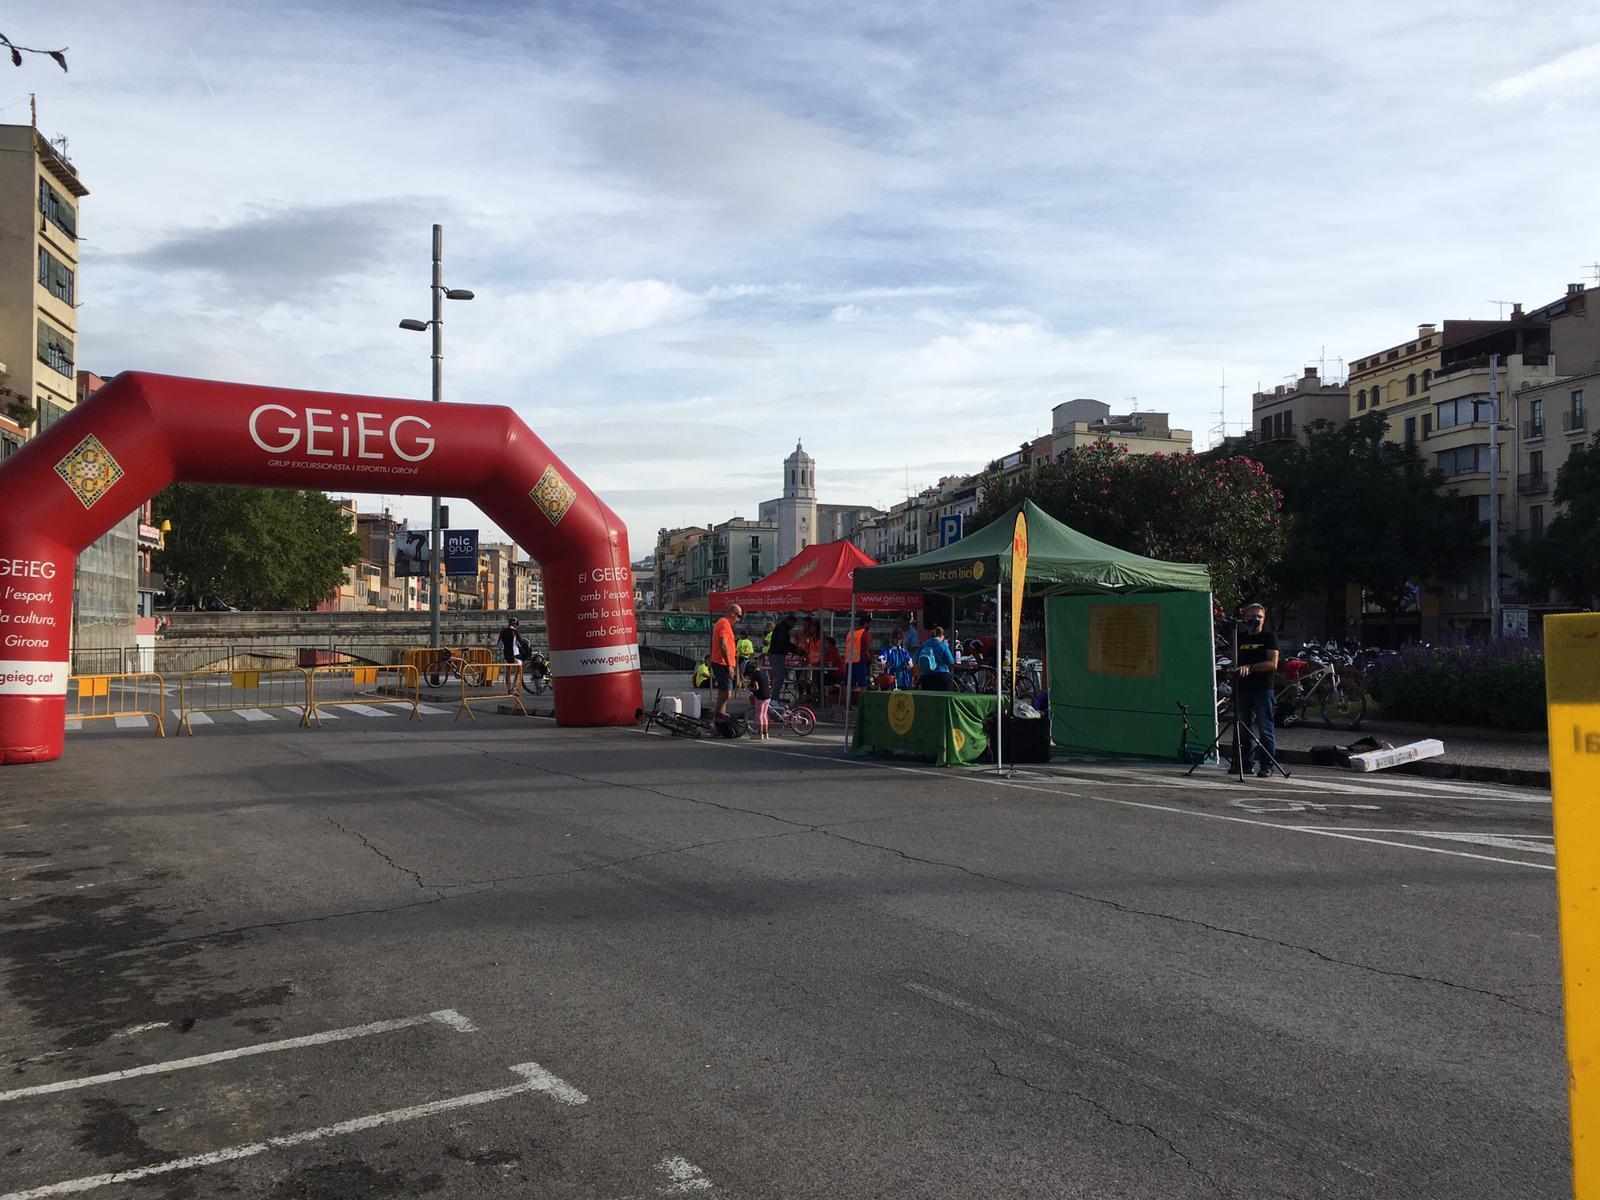 Festa del pedal 2019-11